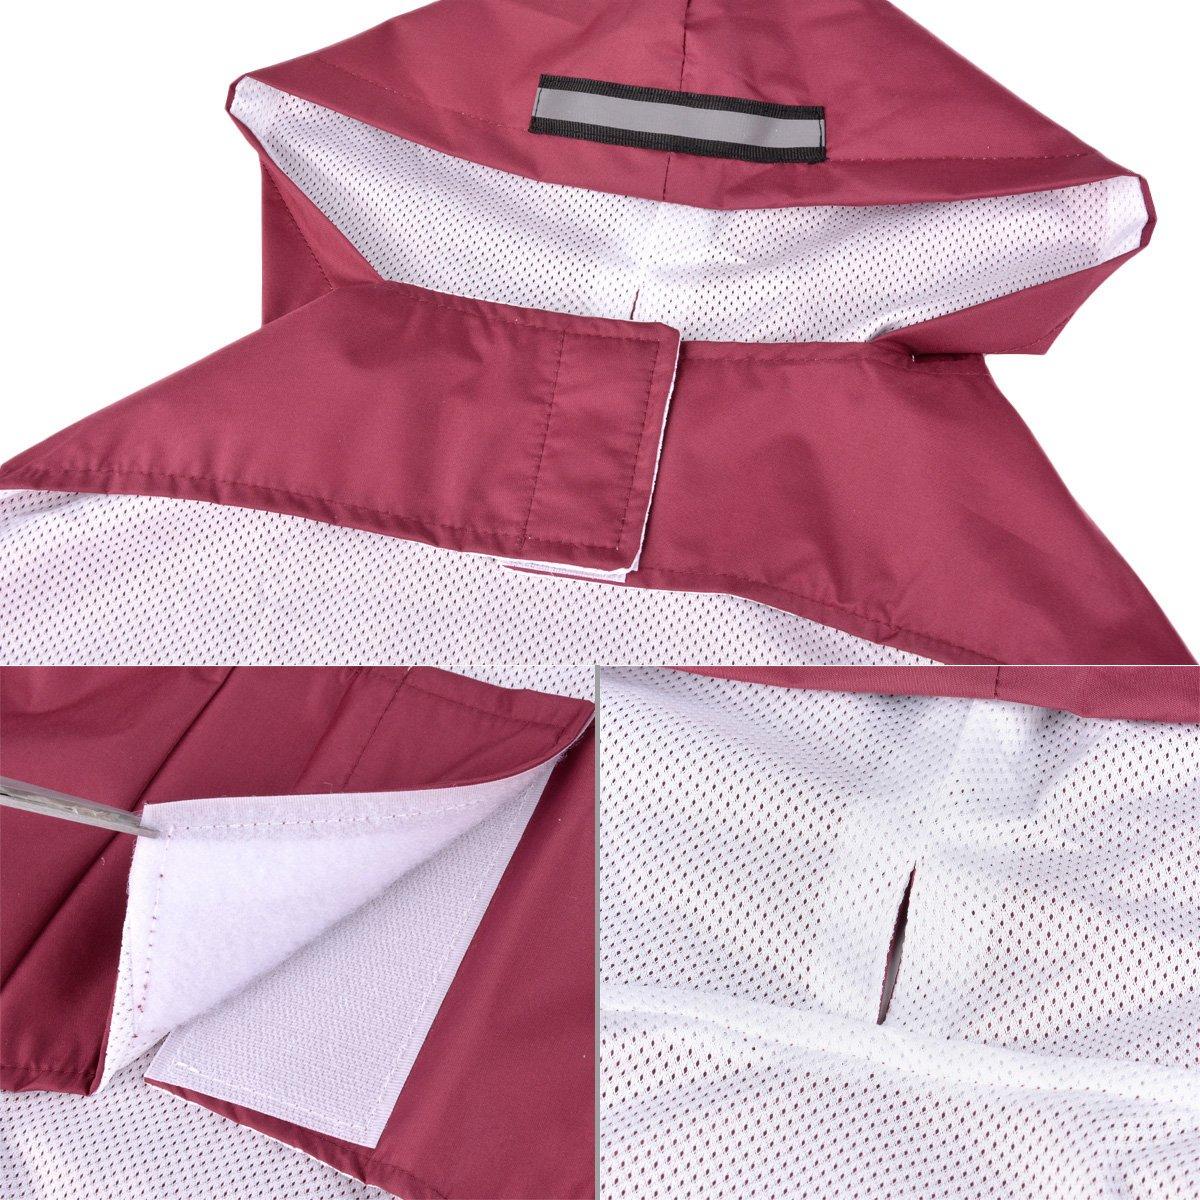 Impermeabile Cappotto Per Cani 3XL-5XL Legendog Guinzaglio Per Cani Costume Abbigliamento Impermeabile Per Cani Da compagnia